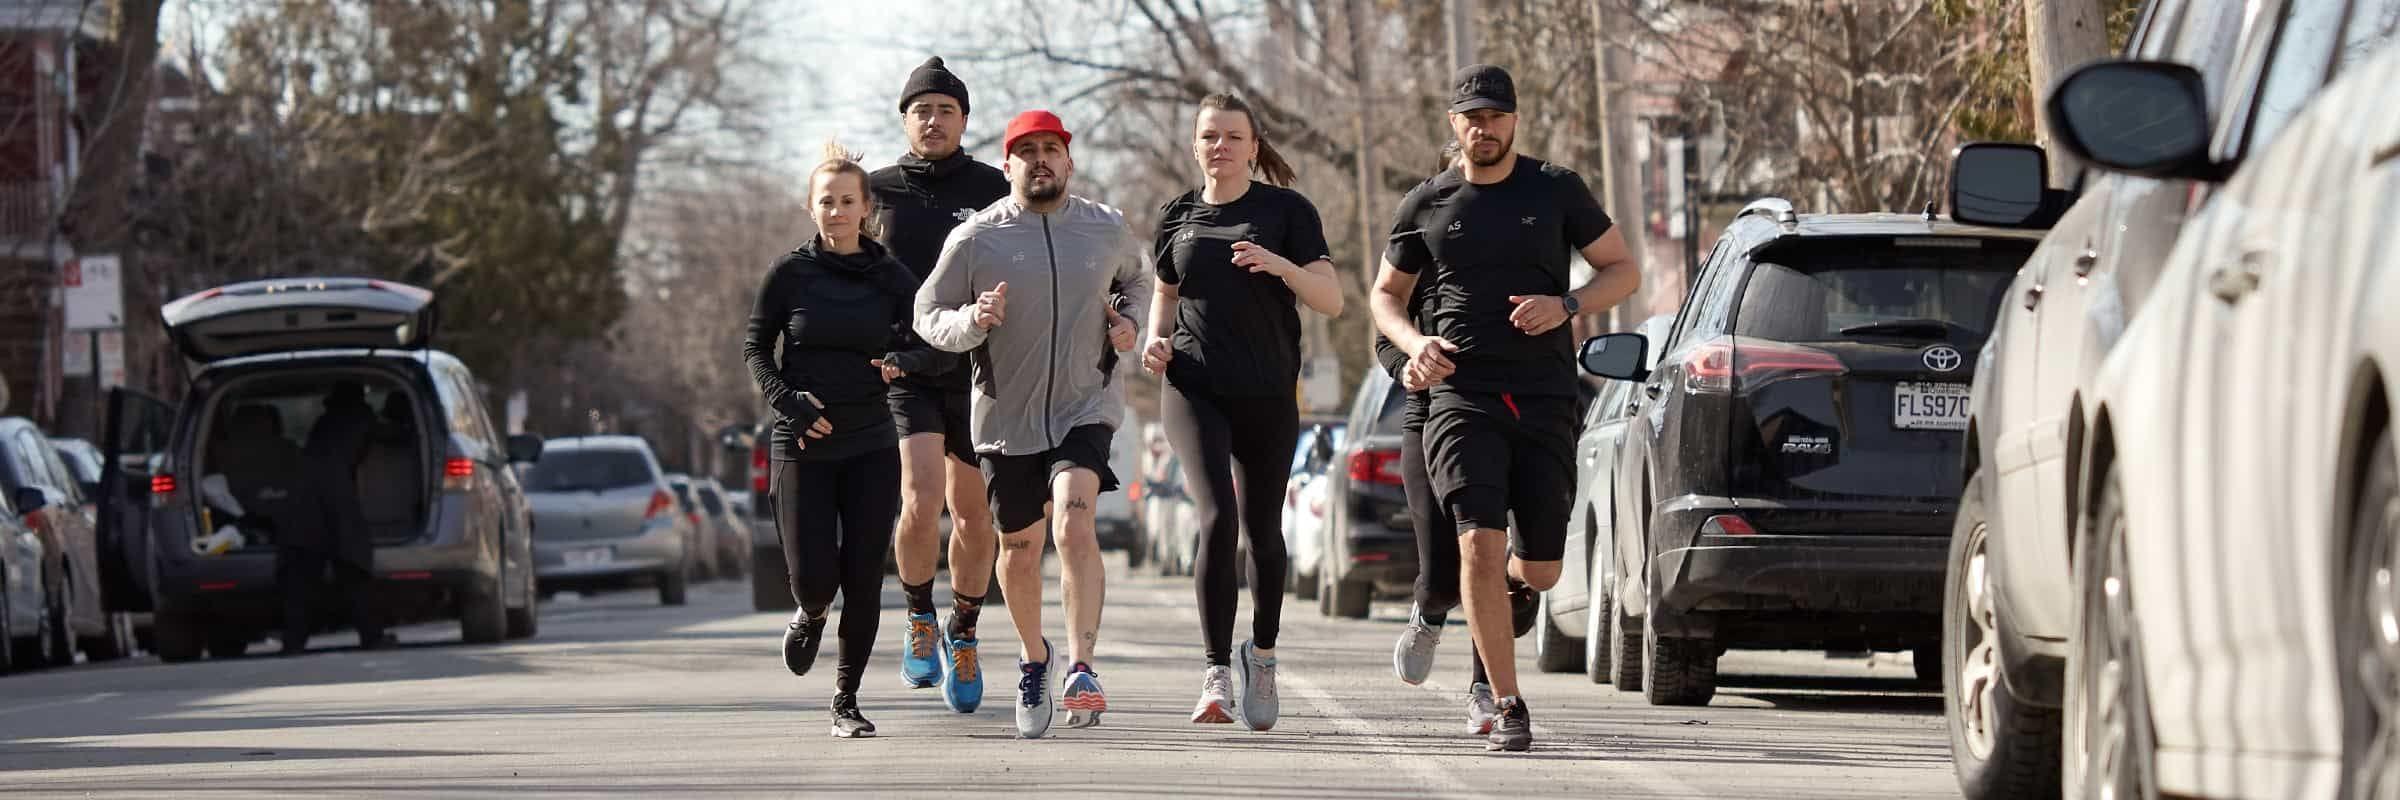 ACC, Running. Altitude Club de Course: Entrevue avec Simon Pelletier-Marcotte, fondateur et acheteur chez Altitude Sports